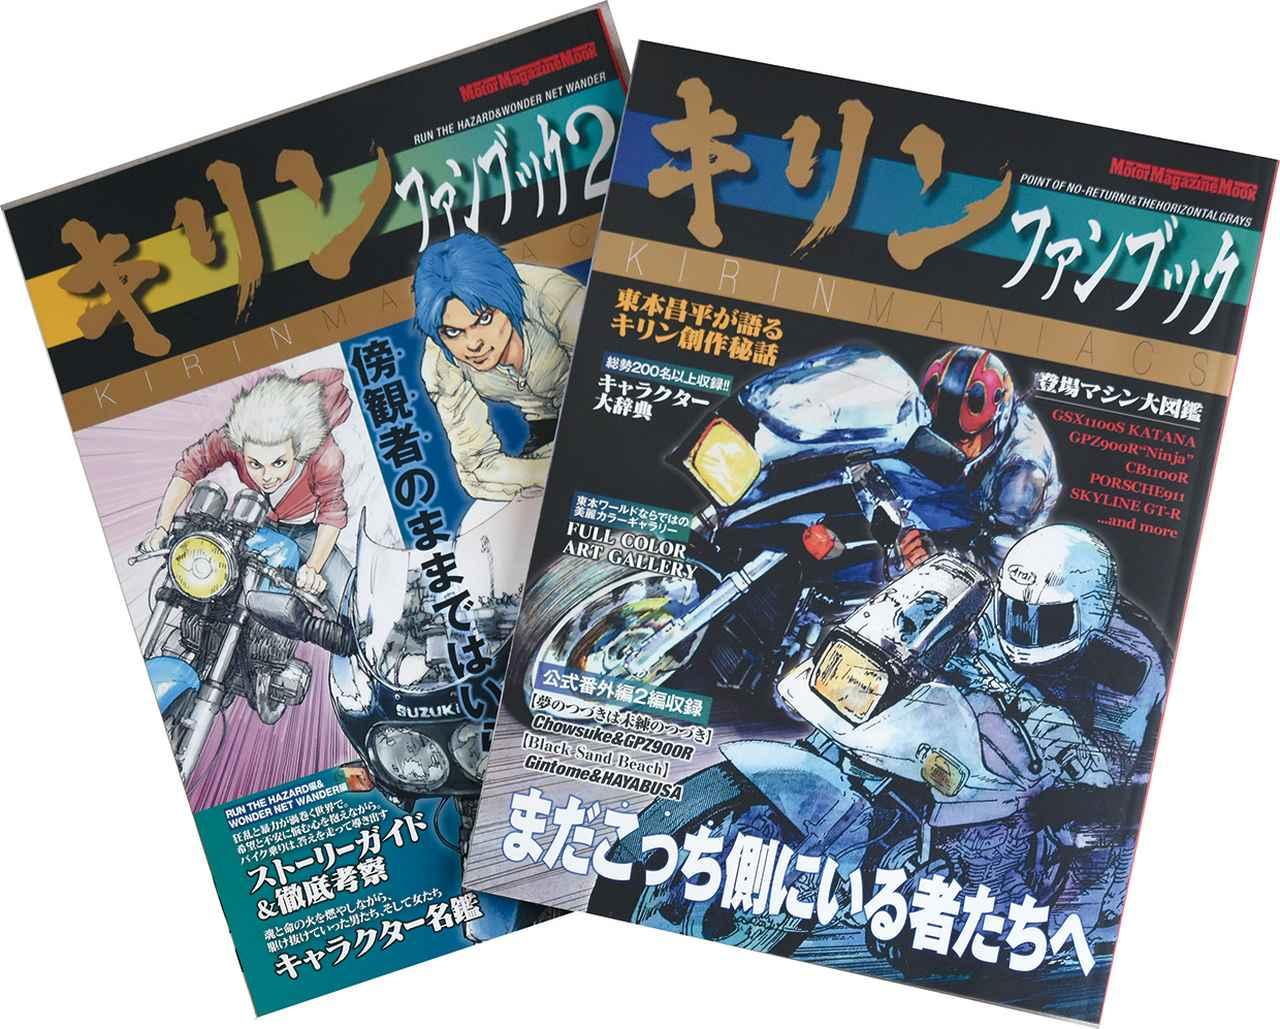 画像: 東本先生がミスター・バイクBGで連載した「キリン」のファンブックはモーターマガジン社刊。弊社通販部にて1/2とも残僅少にて入手できます!